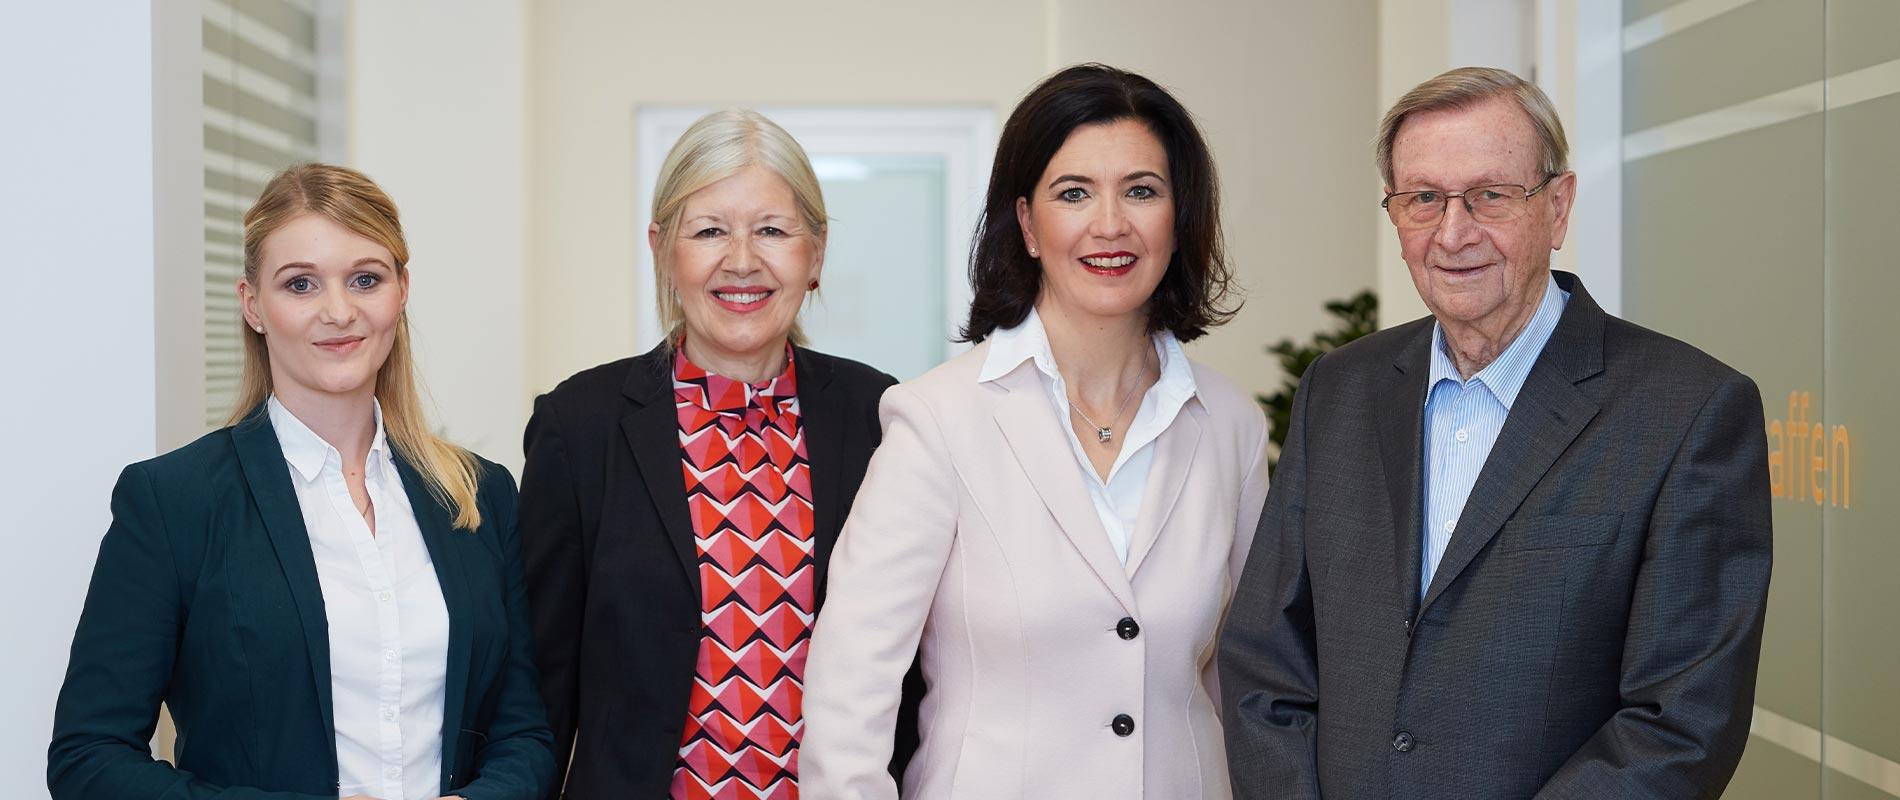 Portrait der Anwälte in Balingen: Eva Schneider, Marianne Hausherr, Diana Hopt-Bley und Werner Erbe